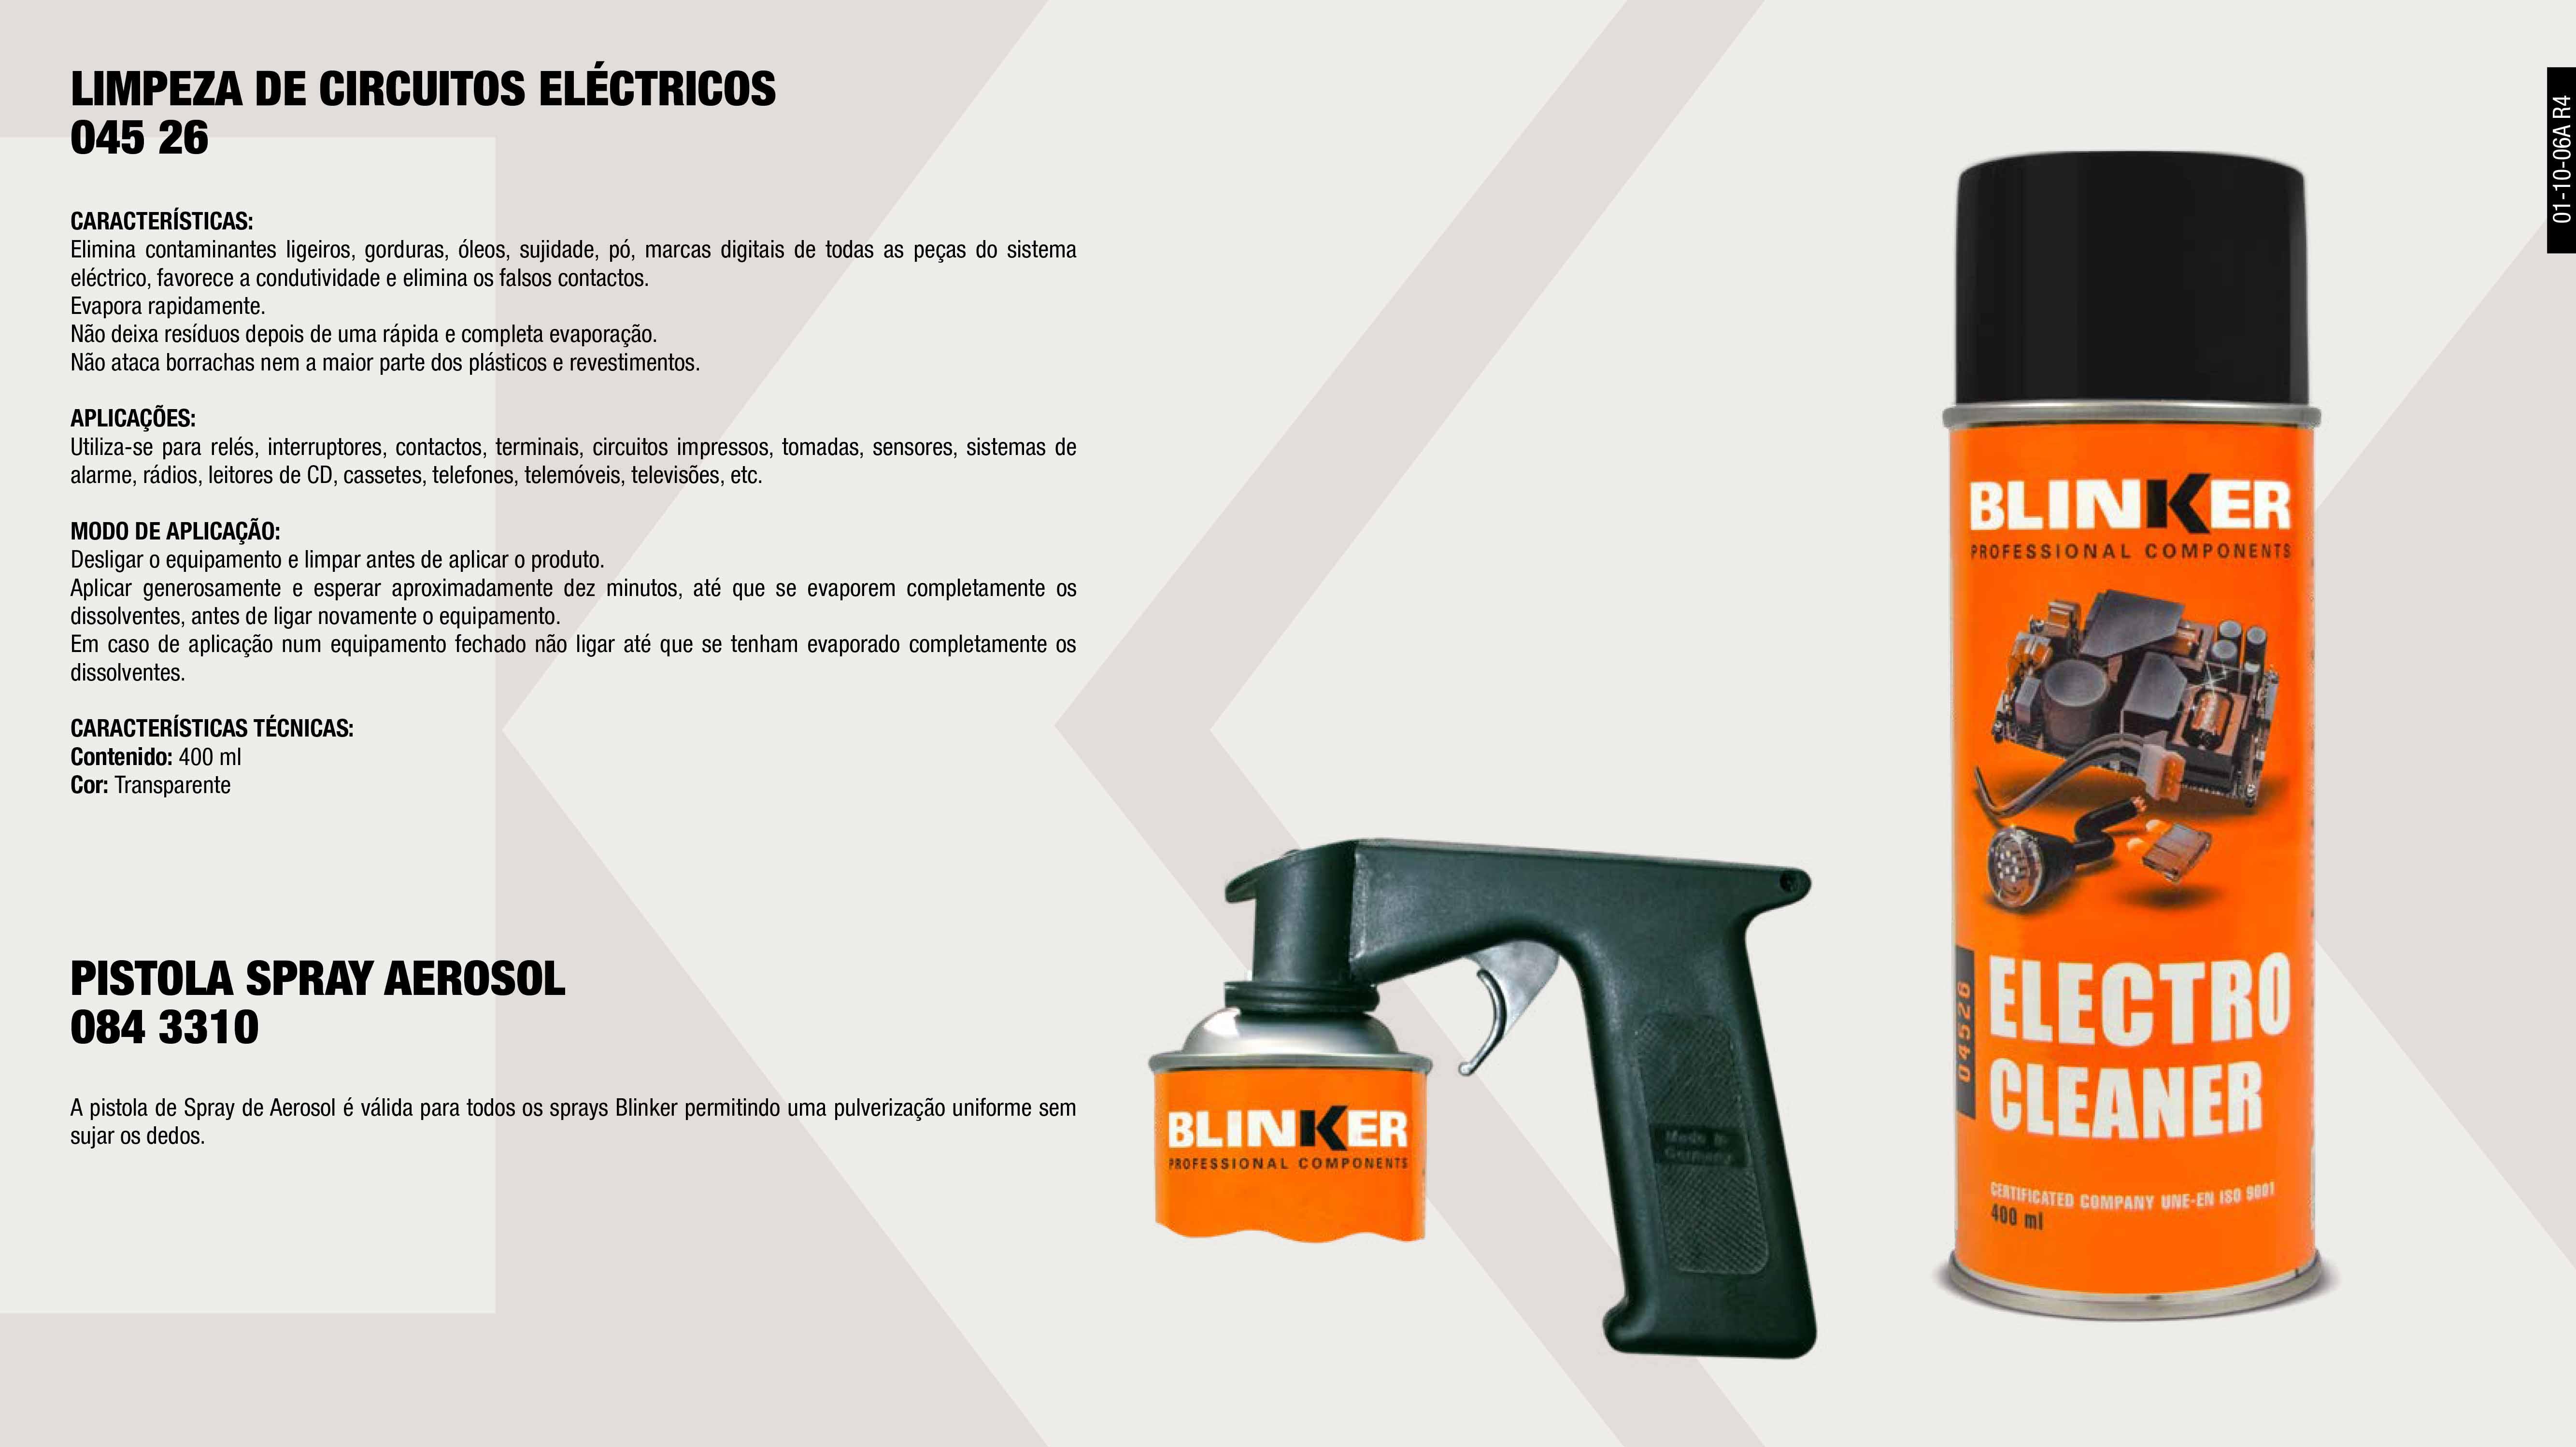 SPRAY DE CONTACTOS ELECTRICOS 400ML.                        ,  PISTOLA SPRAY AEROSSOL                                      ,